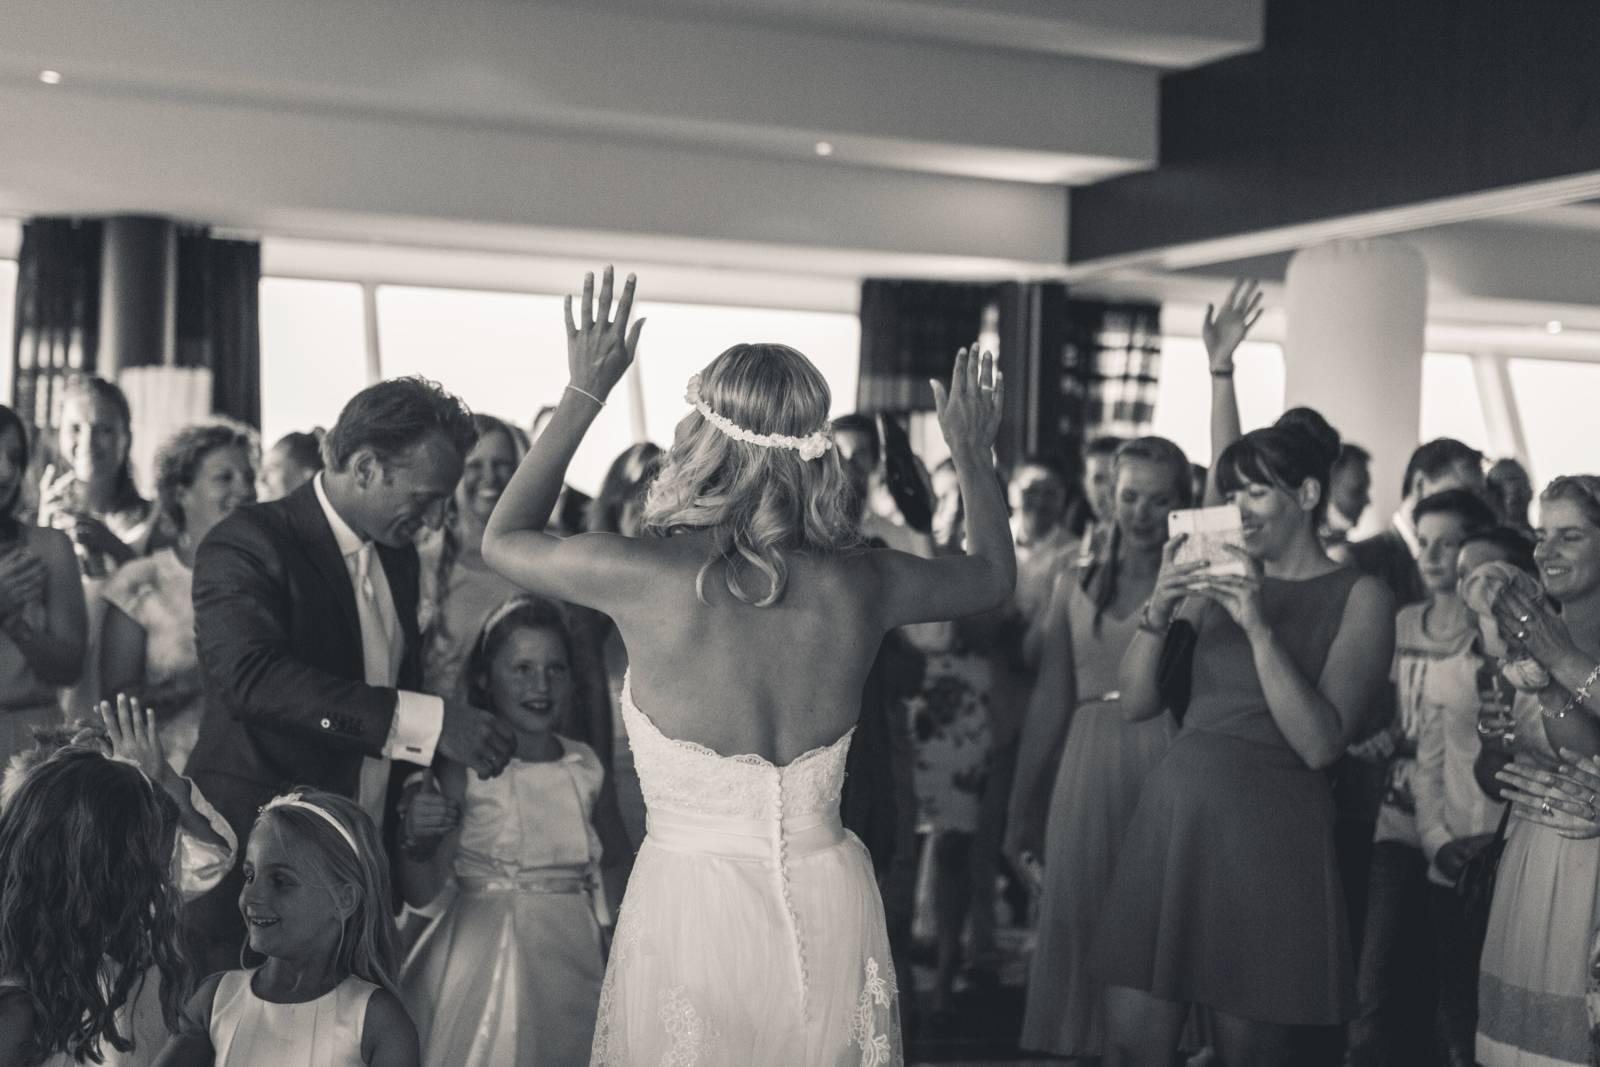 Van der Valk - Feestzaal - House of Weddings - 1 (1)